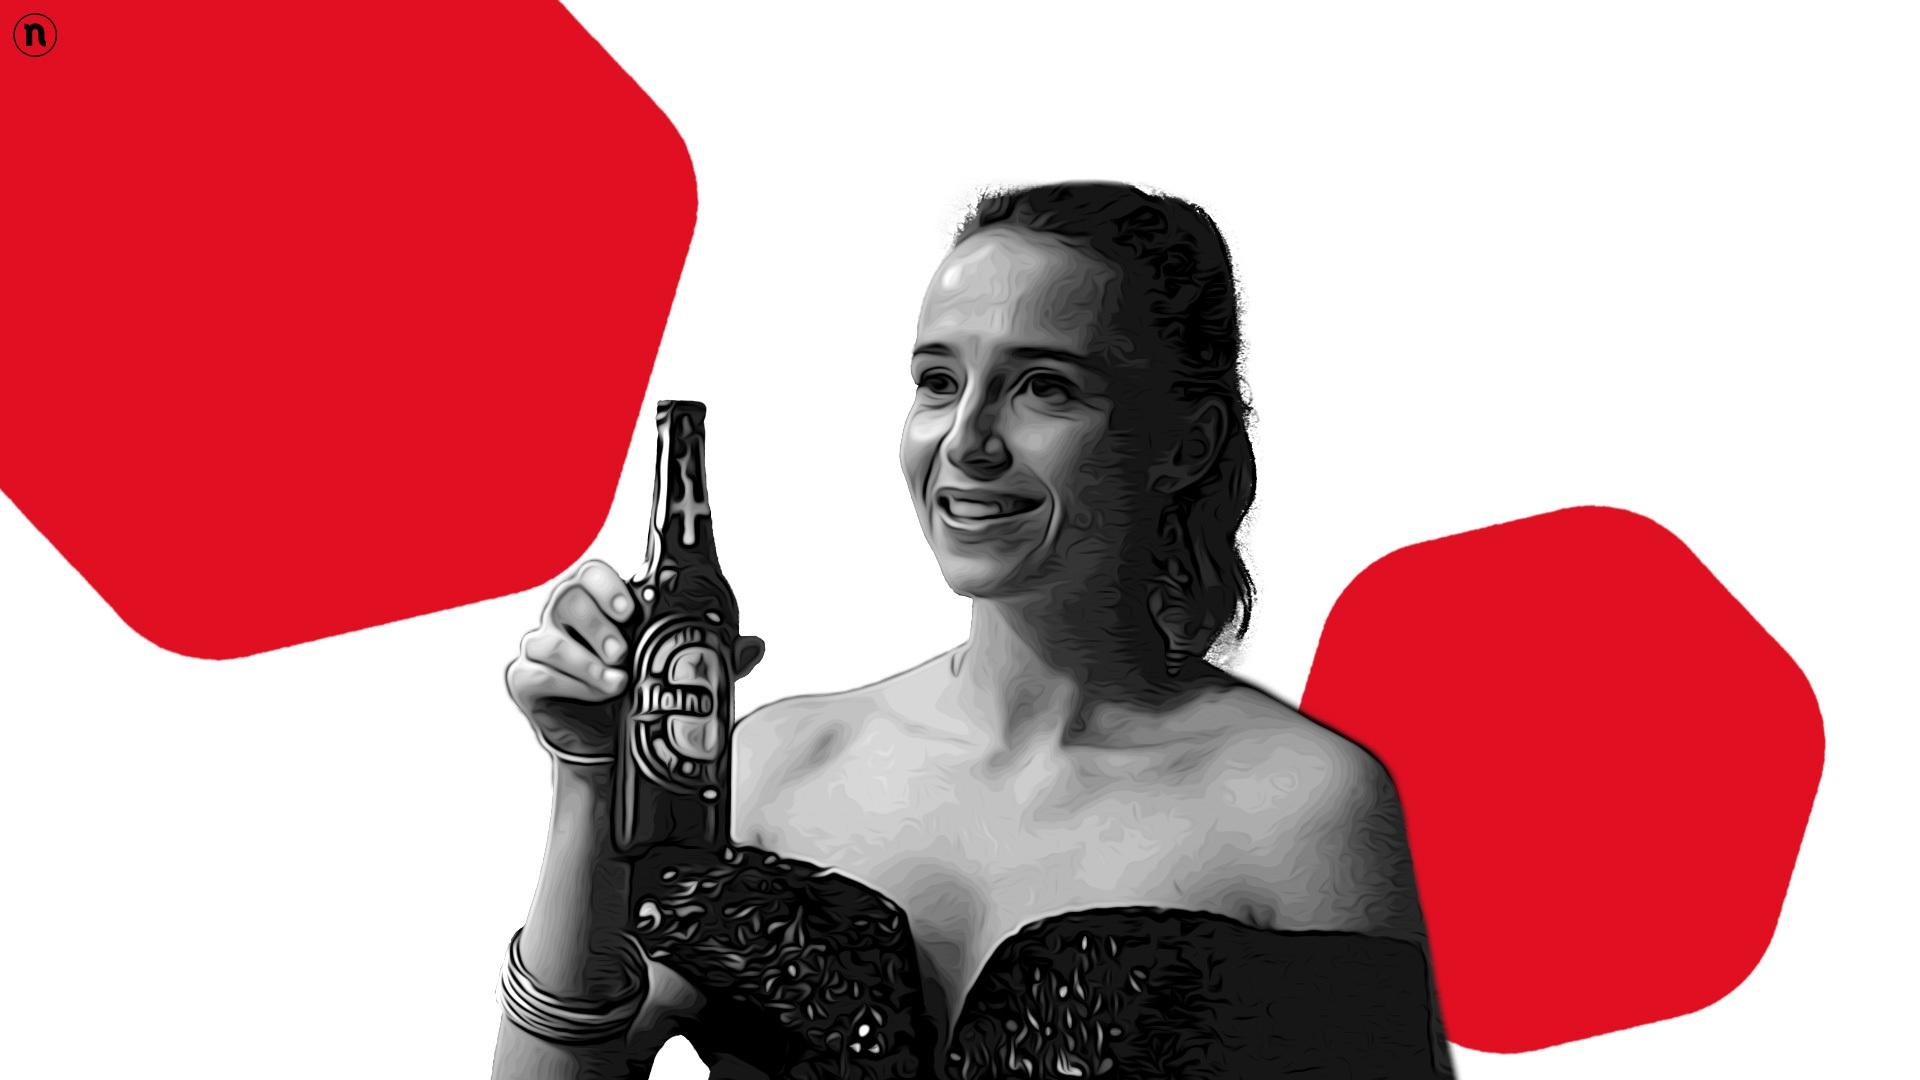 La nuova campagna di Heineken celebra la nostra creatività durante le chiusure